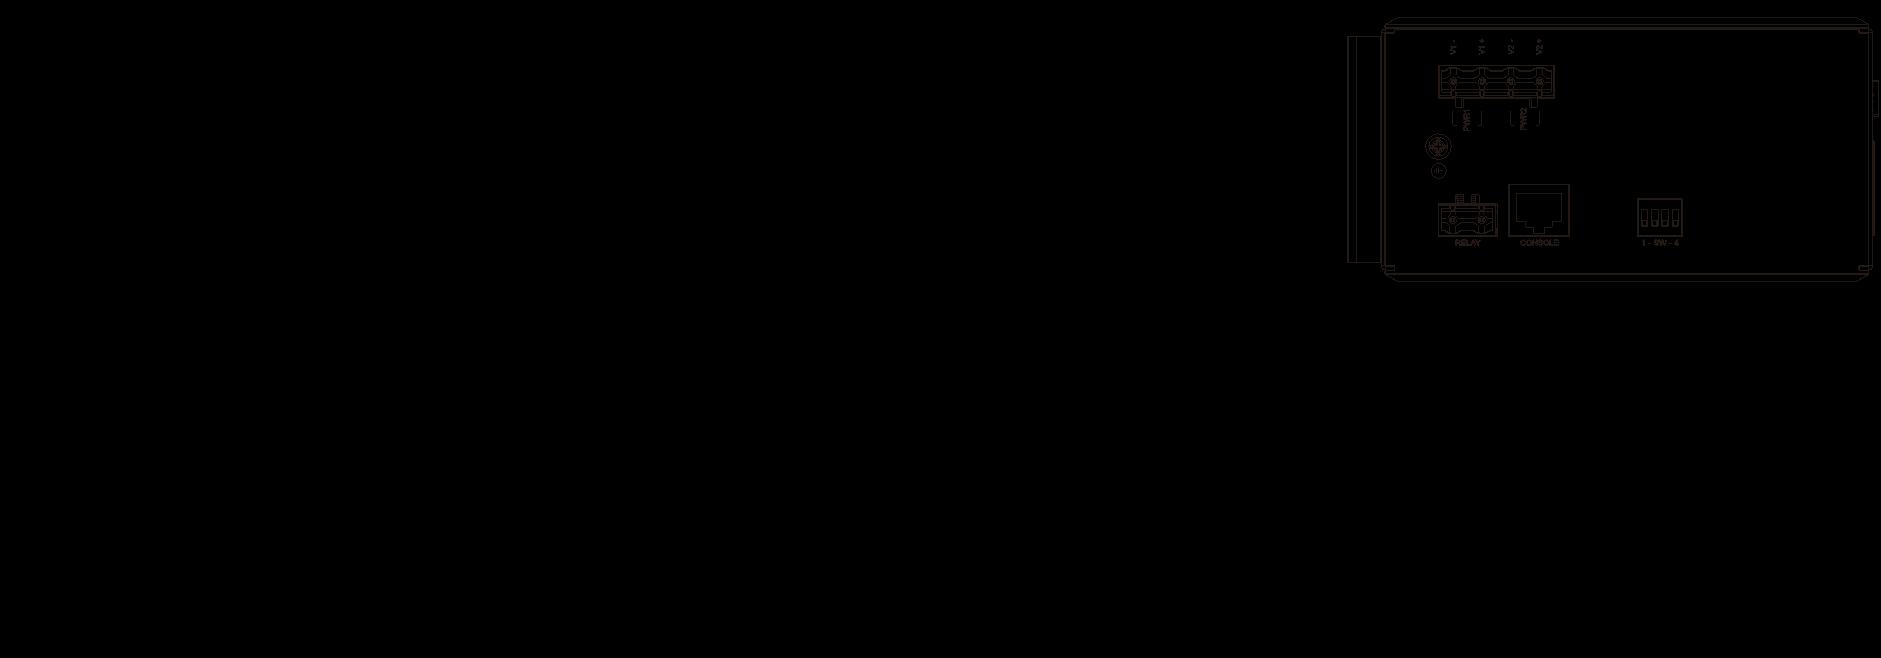 ips316-2gc-4poe-dim